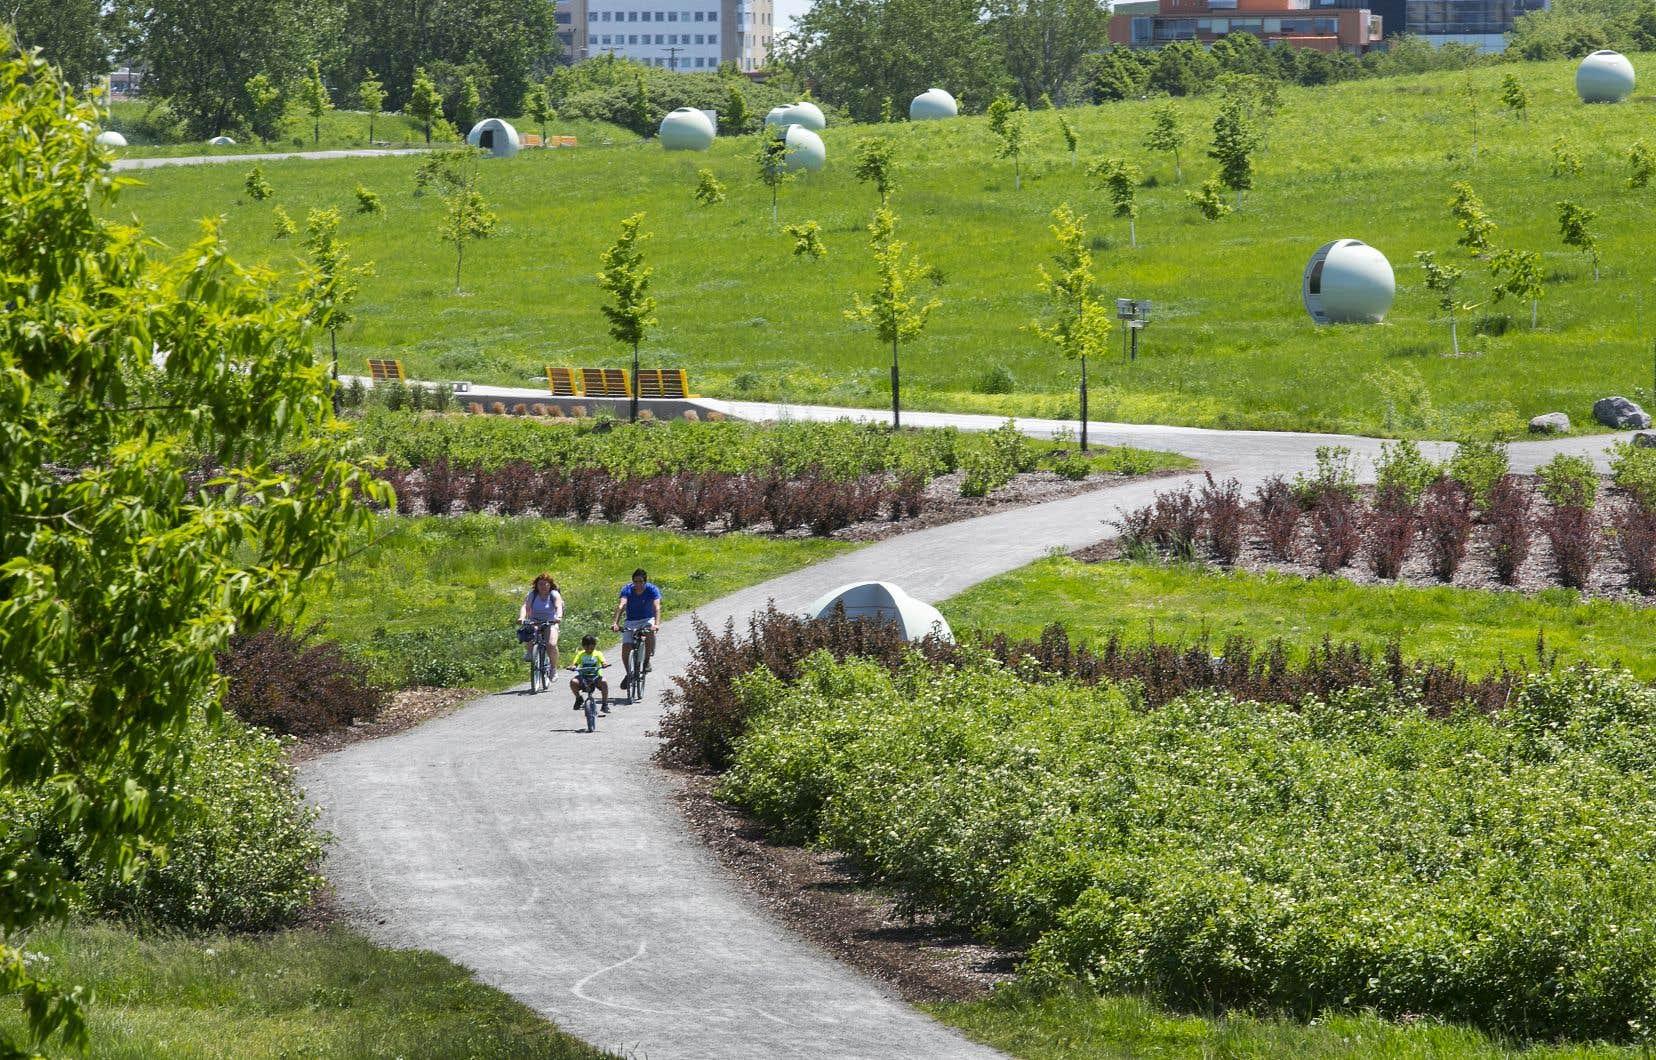 Dans le quartier Saint-Michel, où se trouve l'imposant parc Frédéric-Back, les infrastructures cyclistes sont peu adaptées et insuffisantes pour favoriser le vélo, observent des travailleurs communautaires.